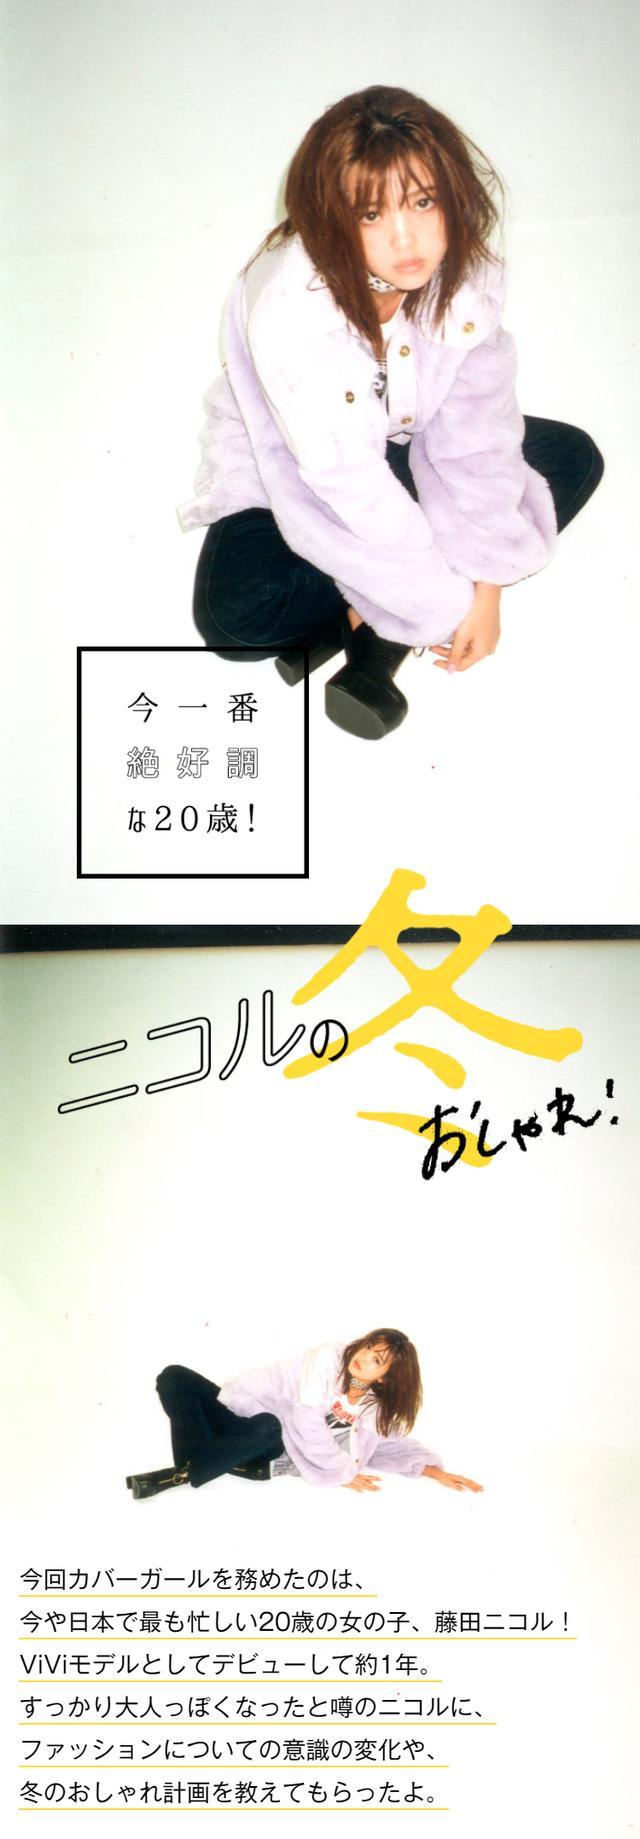 画像2: 藤田ニコルがカバーガール! スマホファッションマガジン『BeViVi』Vol.3リリース